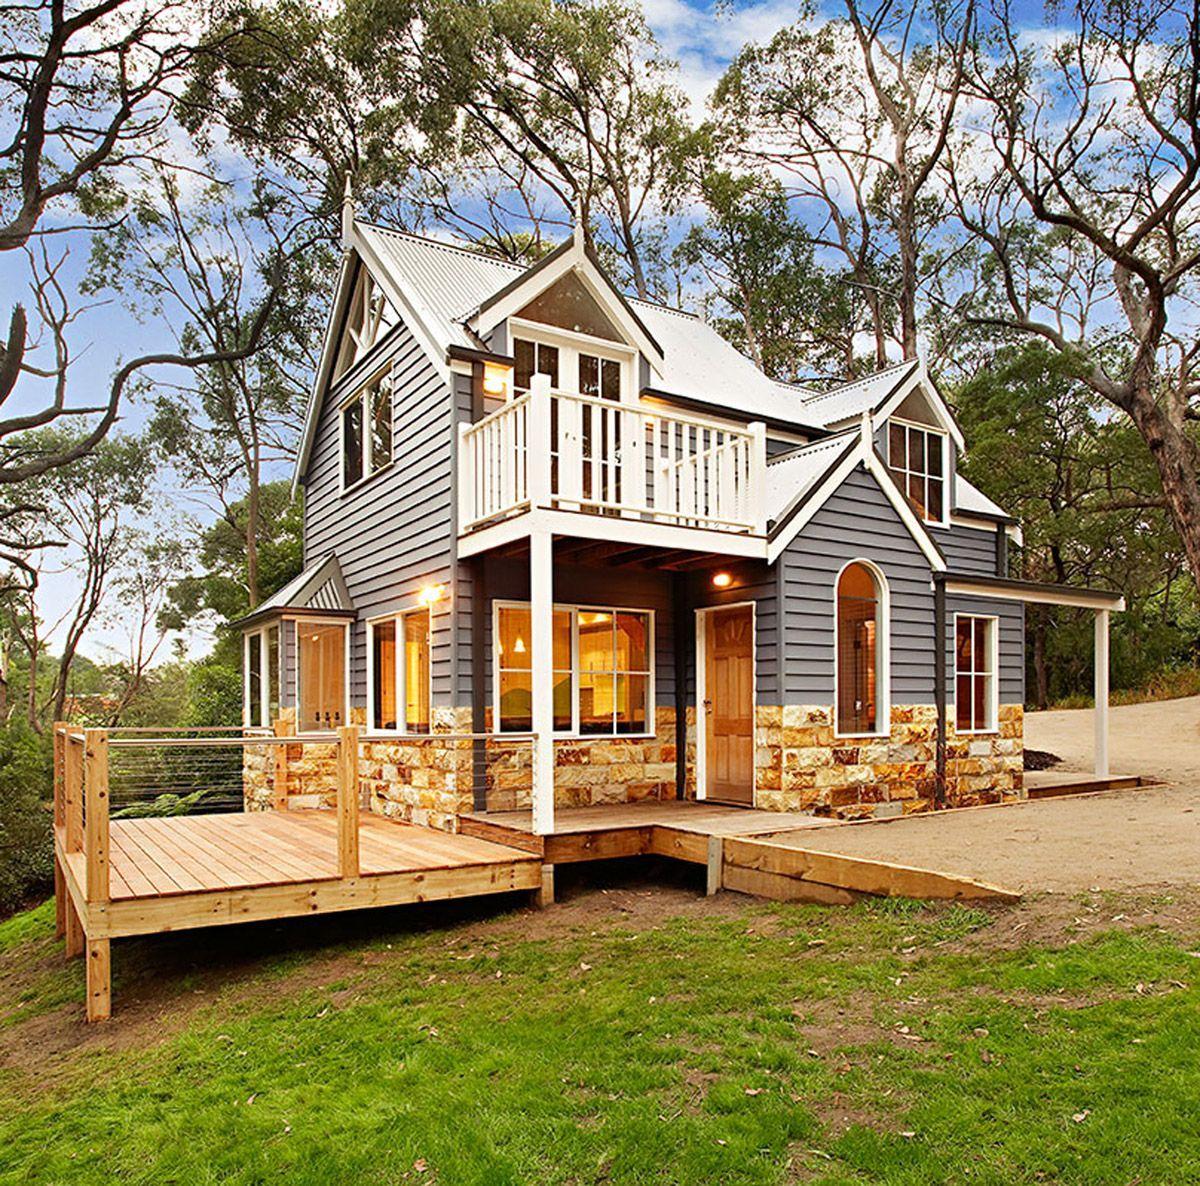 Dragonfly Cottage Storybook Designer Kit Homes Australia Guess Kit Homes Australia Kit Homes Cottage Kits